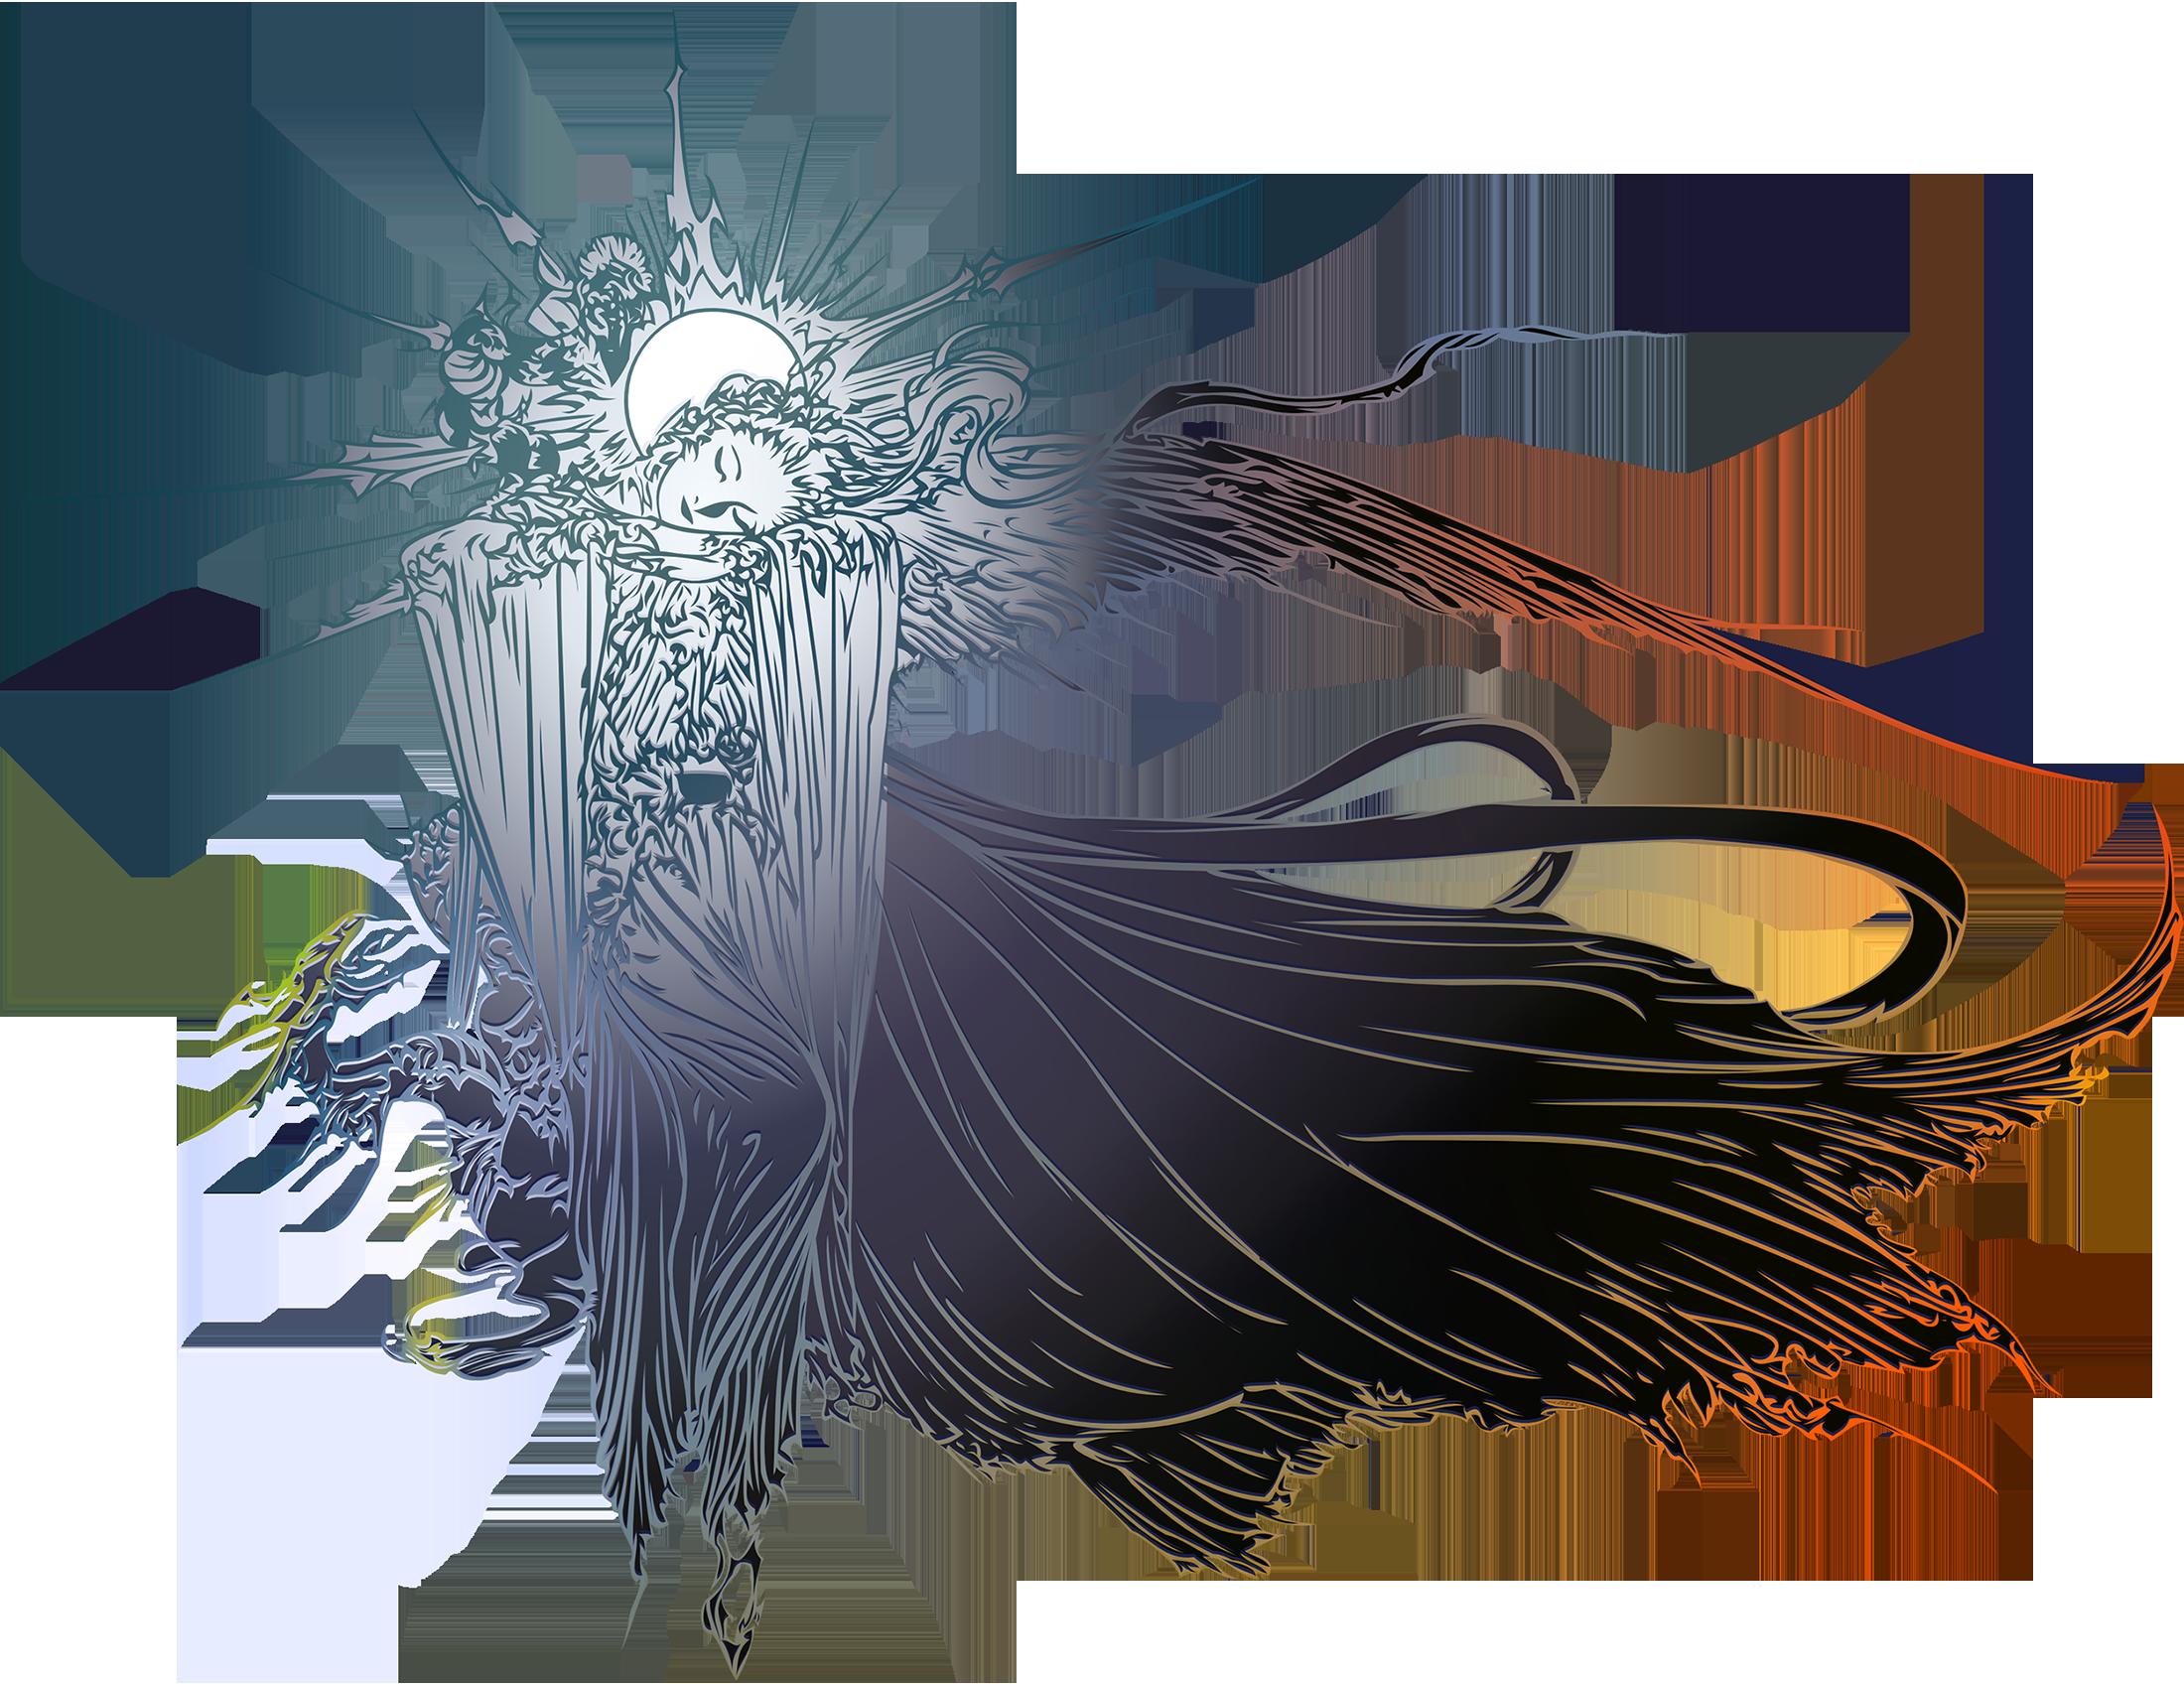 1419098493 Final Fantasy Xv Logo Png 2200 1696 Kartinki S Poslednej Fantaziej Fentezi Risunki Fentezi